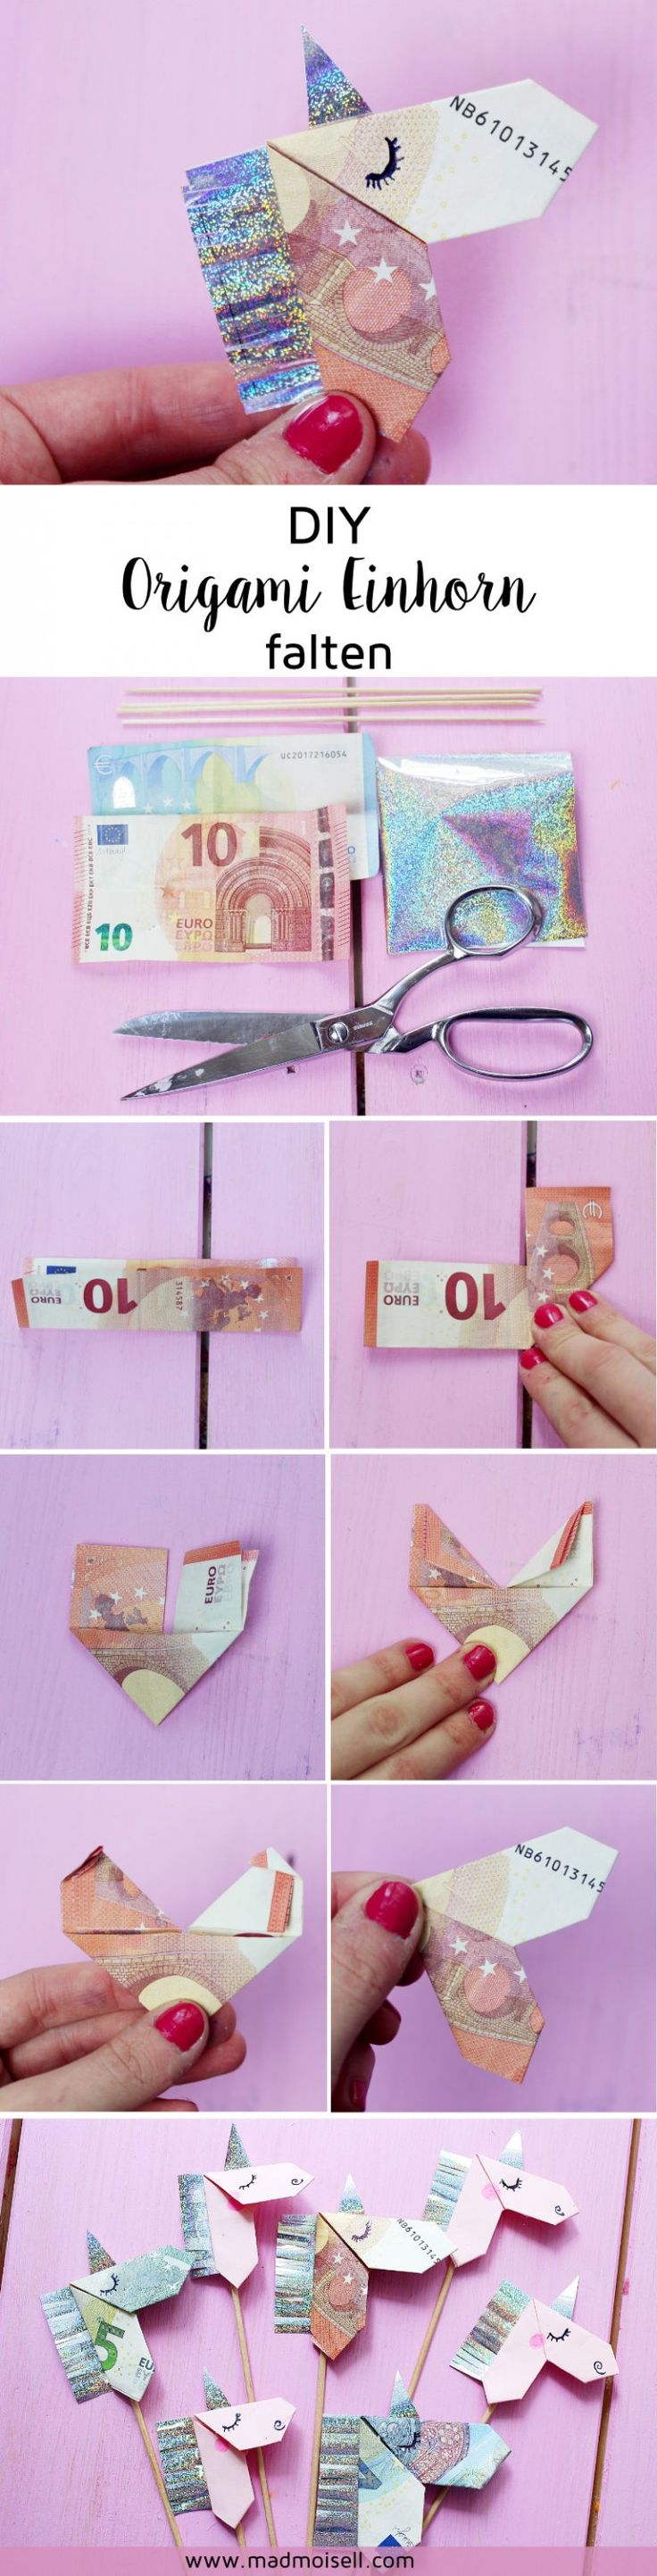 Geldscheine kreativ zum Origami Einhorn falten – DIY Anleitung – Mailas Mama